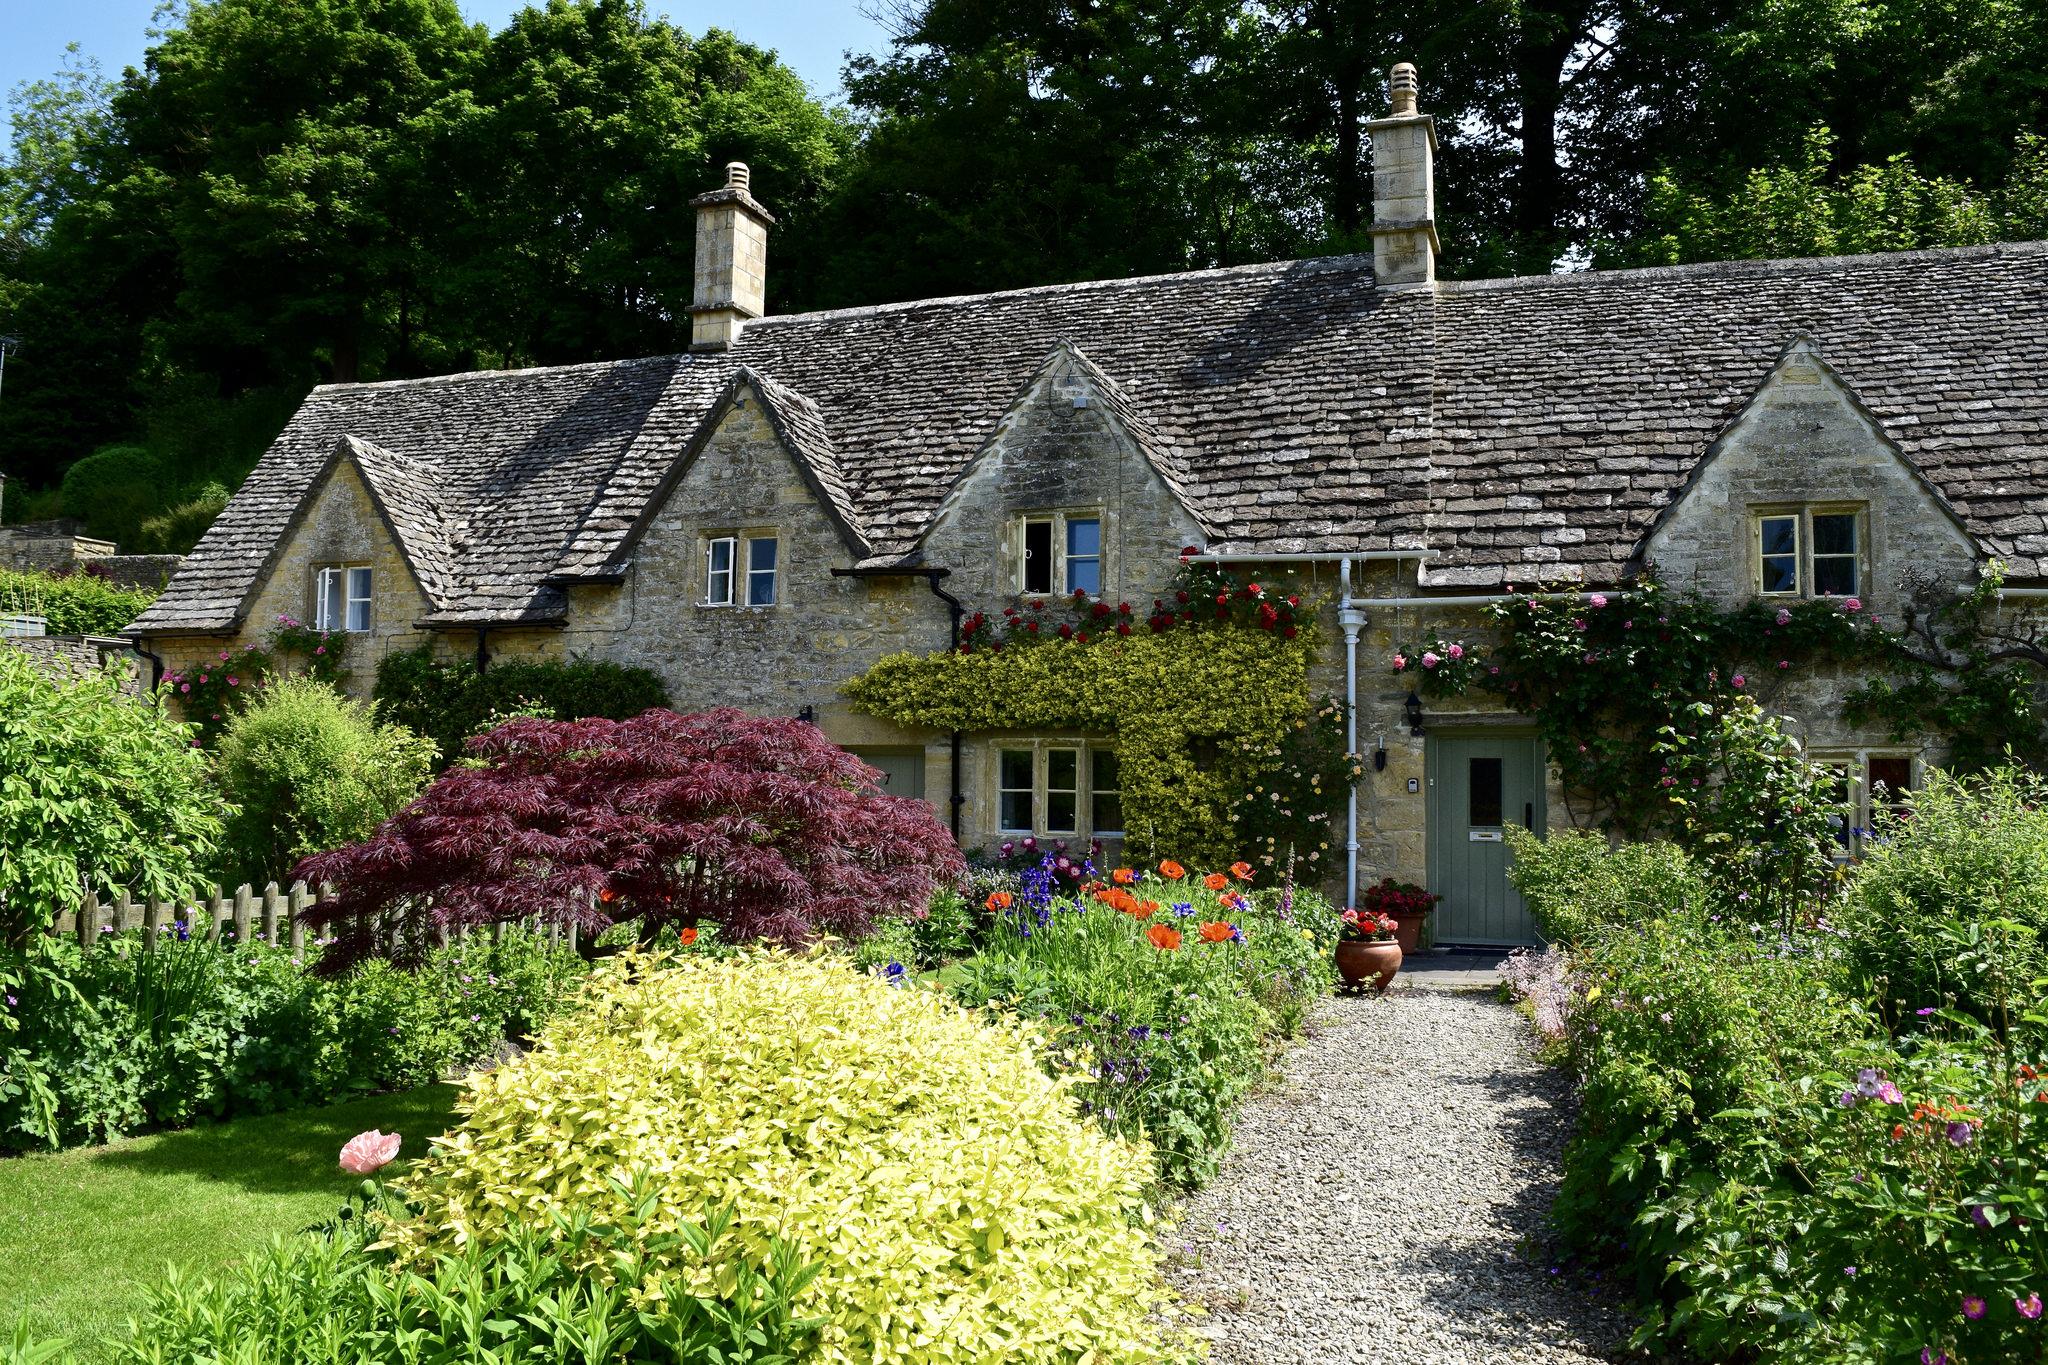 Beautiful English Gardens